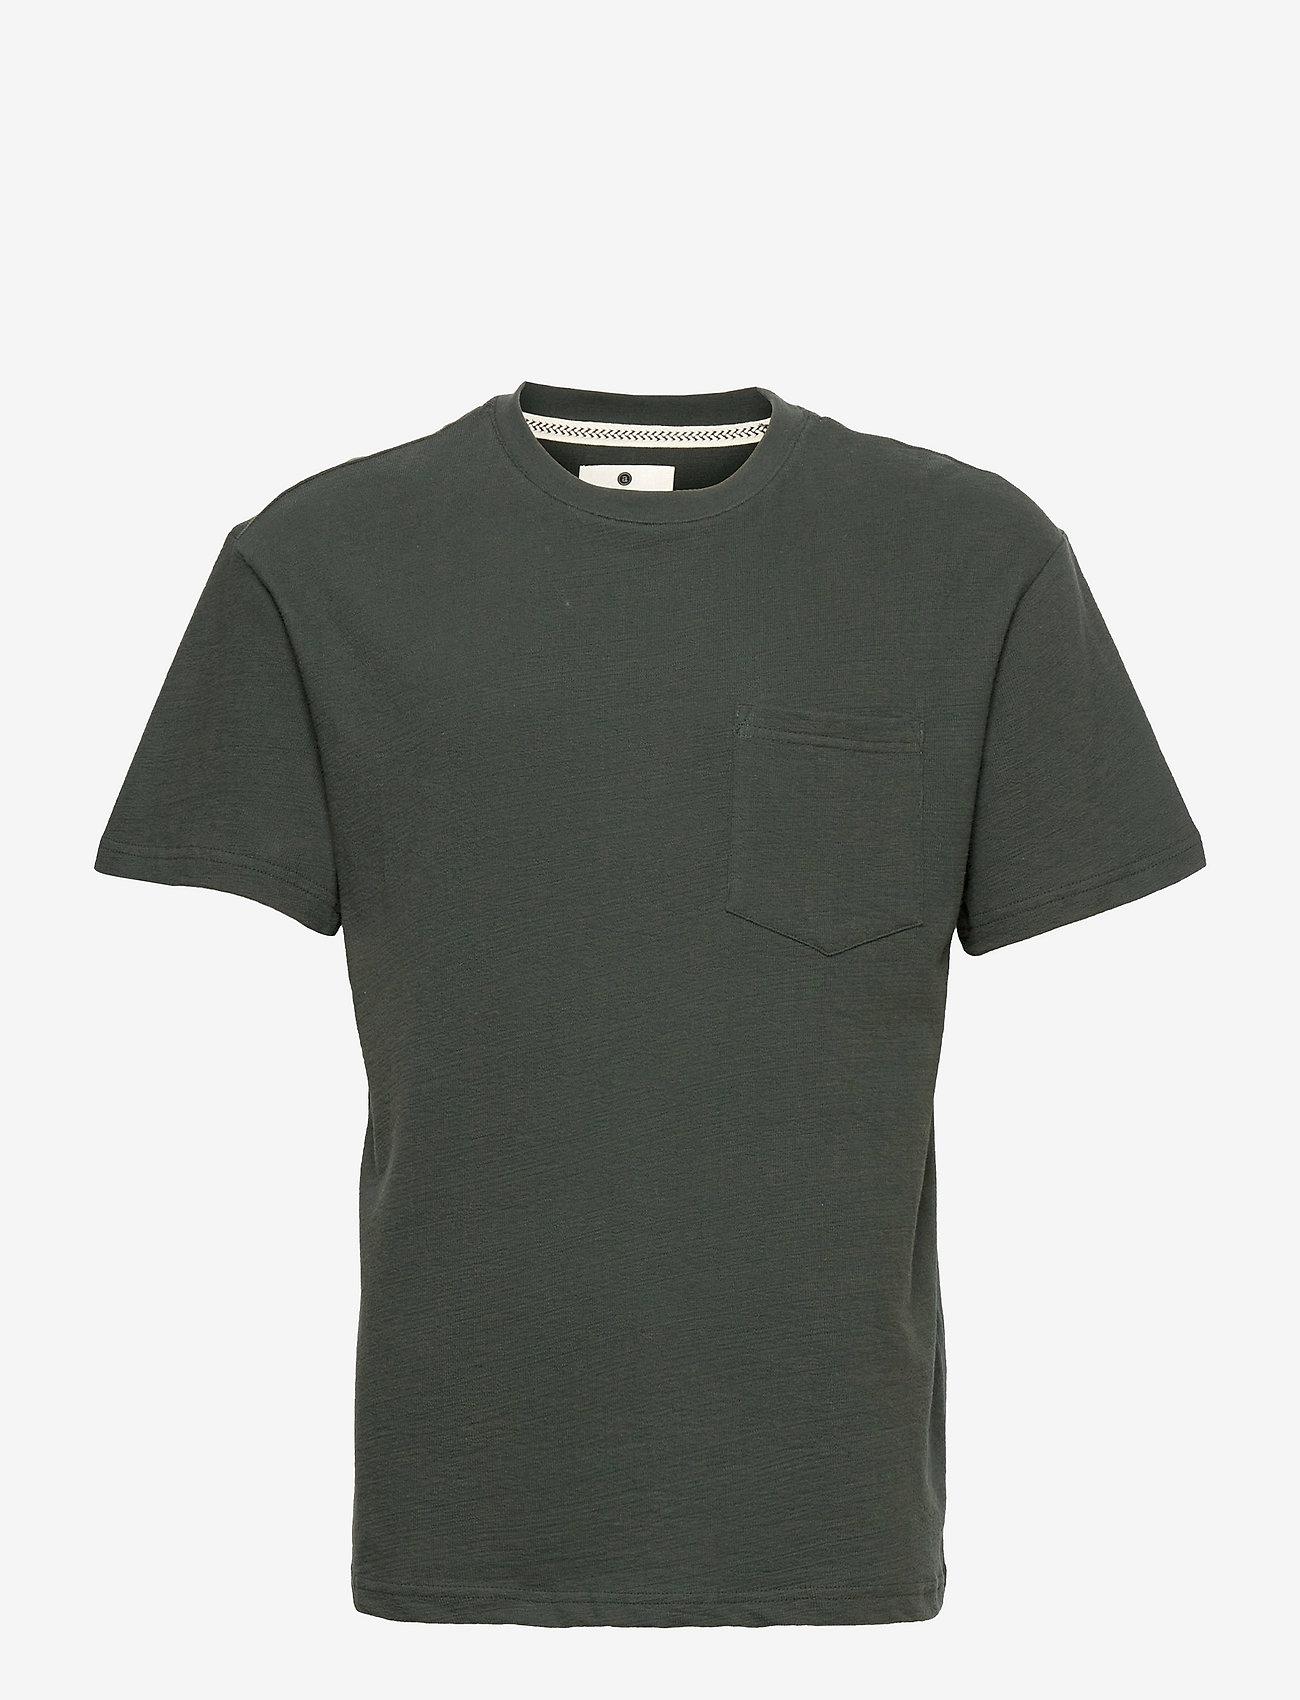 Anerkjendt - AKKIKKI STRUCTURE T SHIRT - basic t-shirts - deep forrest - 0